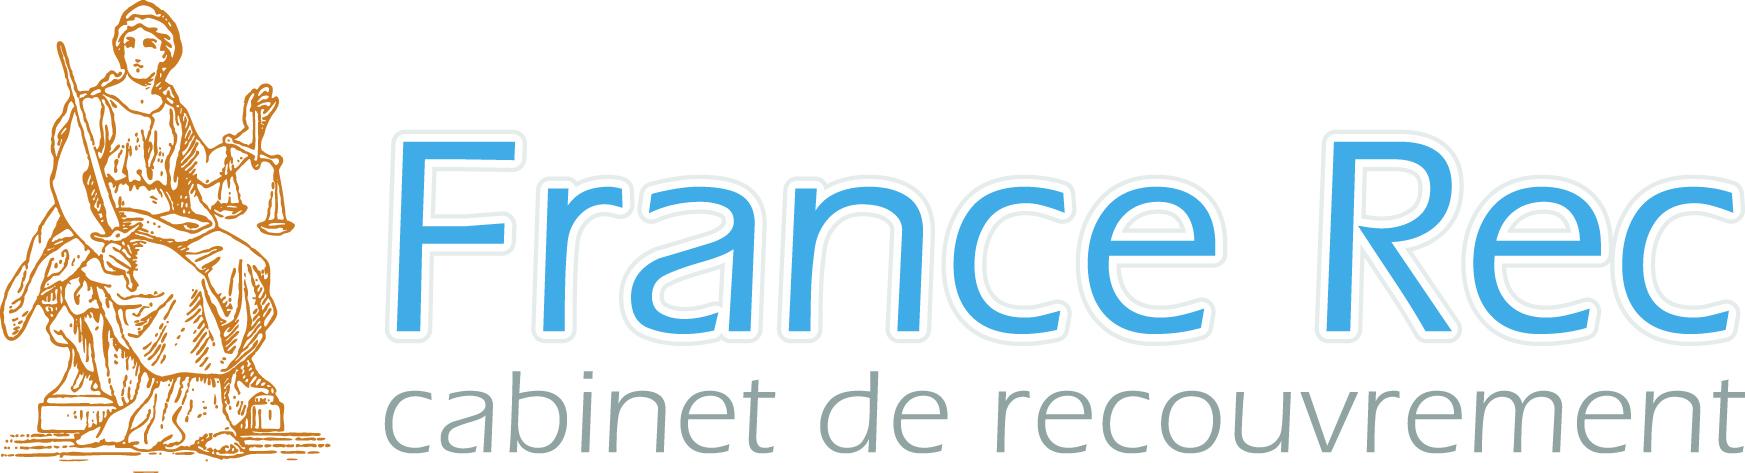 (c) Francerec.fr